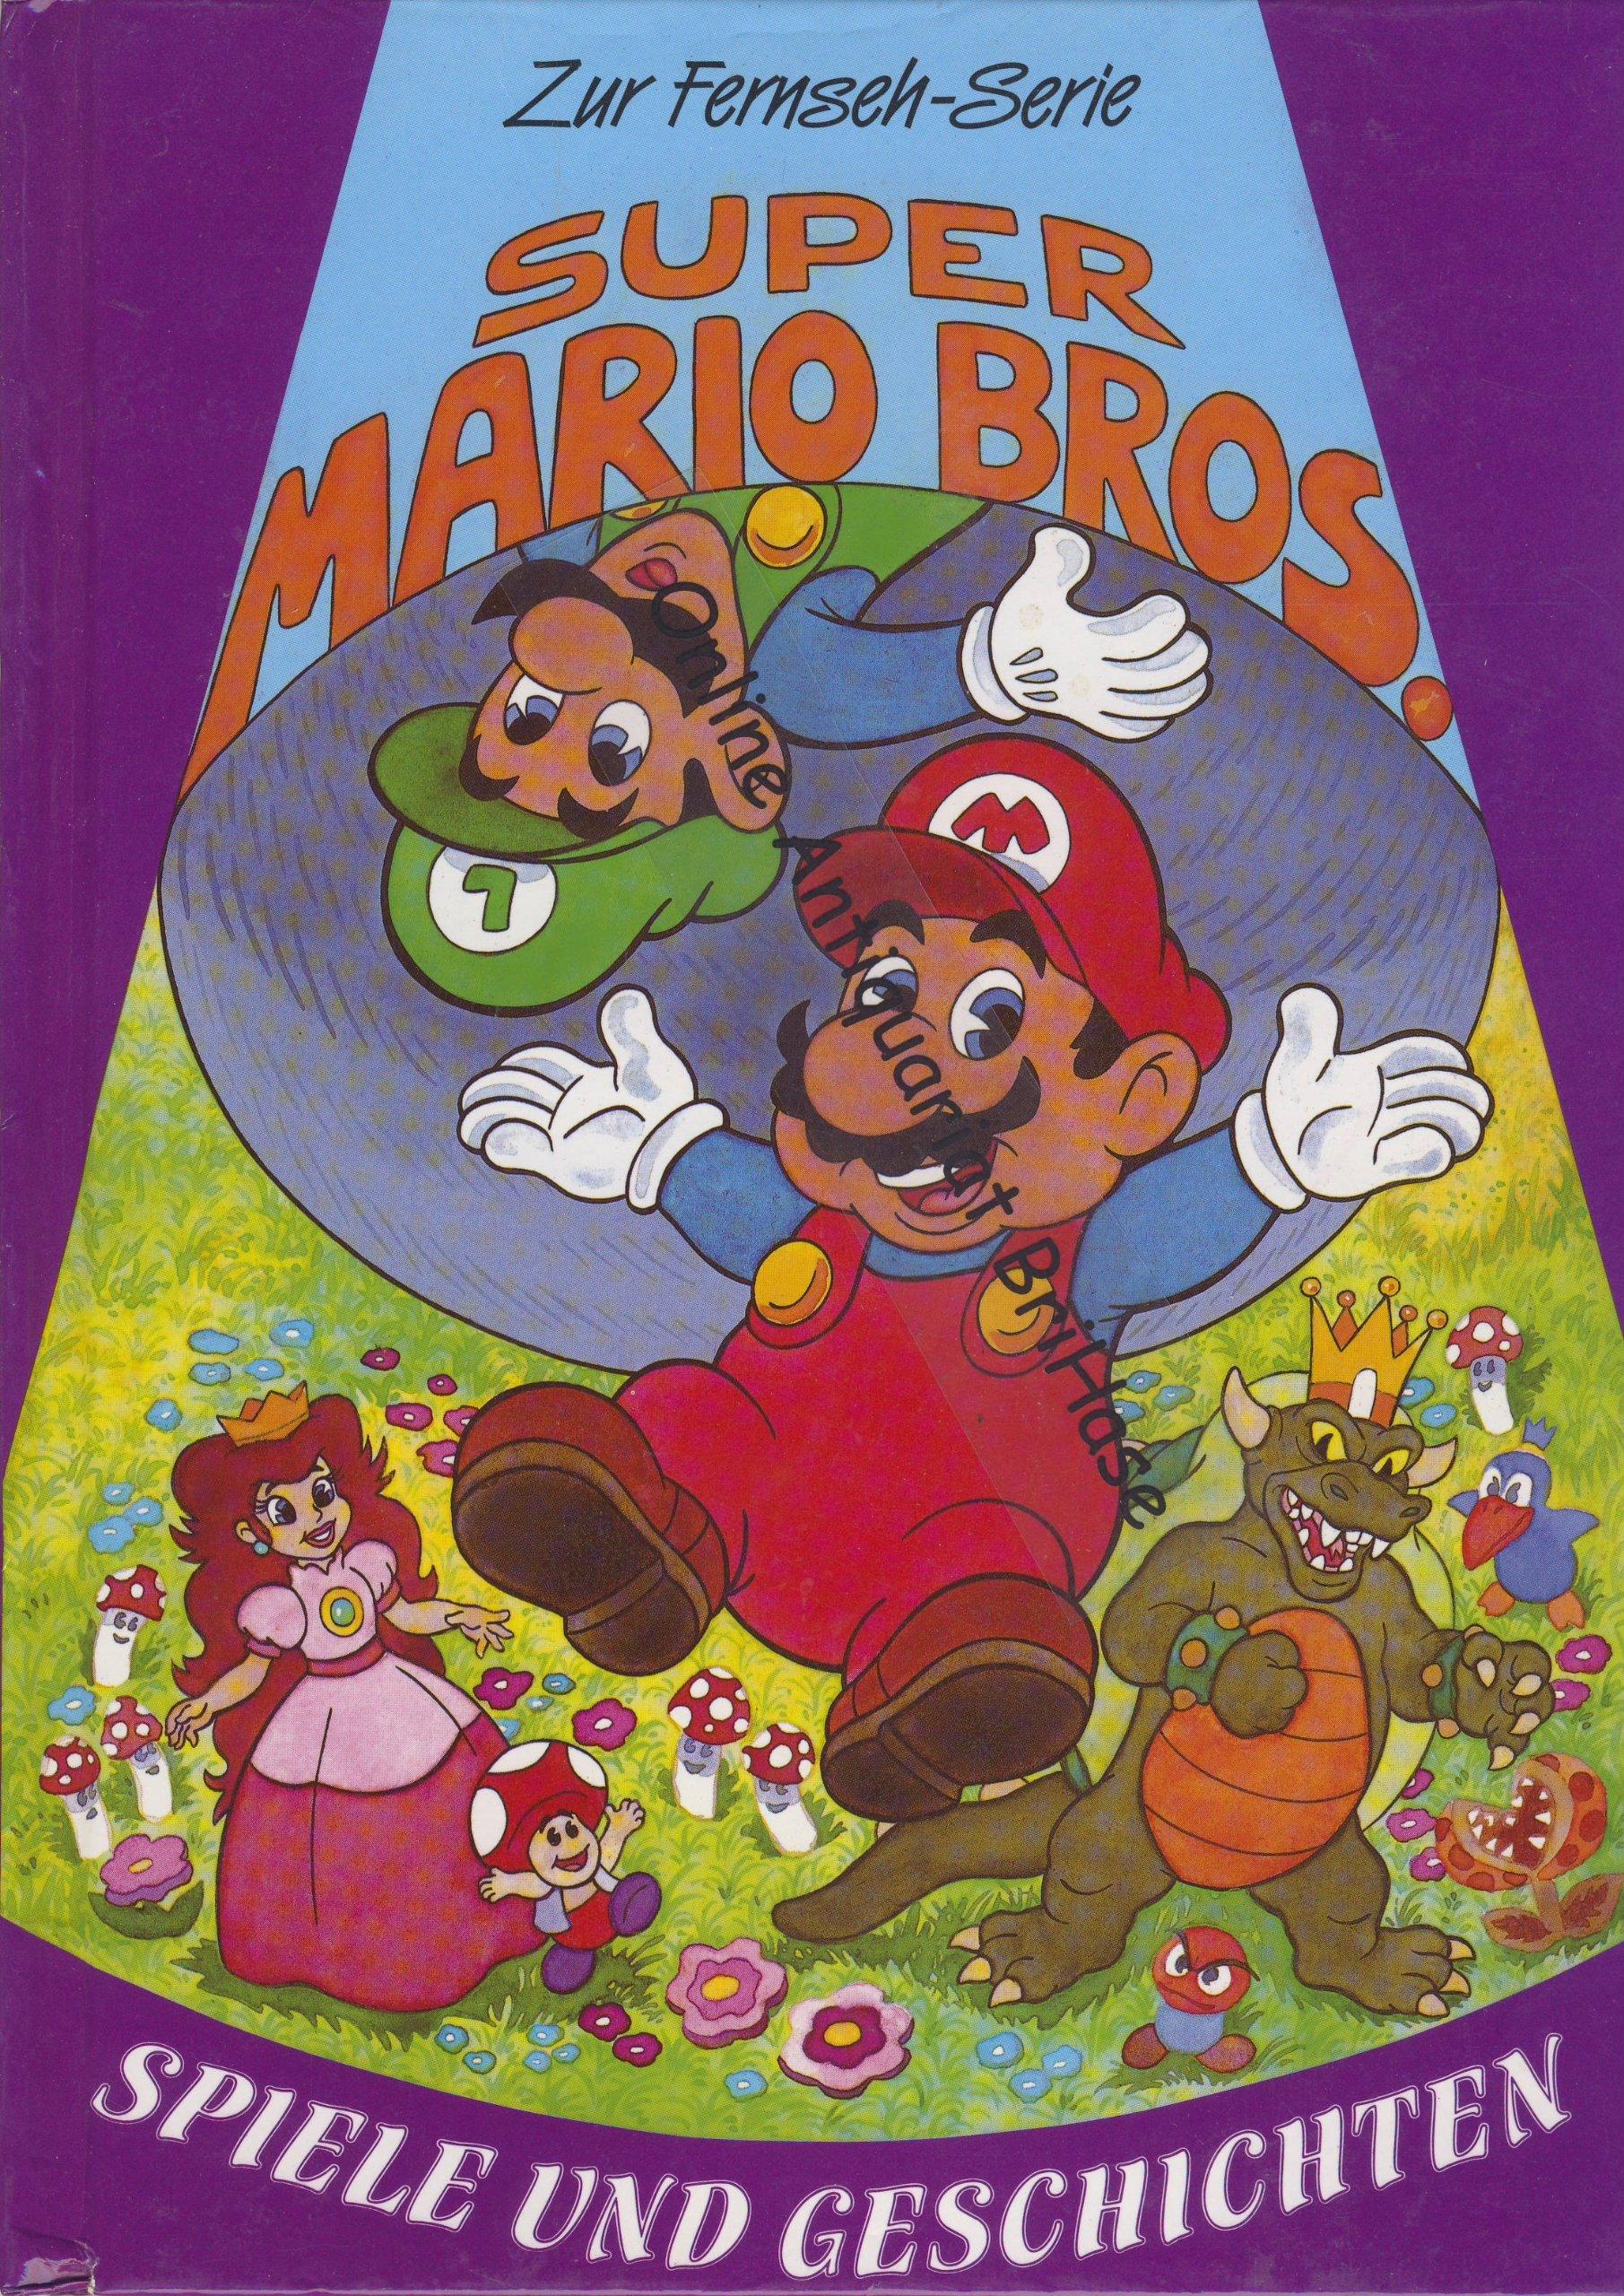 Nintendo-Super Mario Bros: Spiele und Geschichten: Amazon.de: Bücher